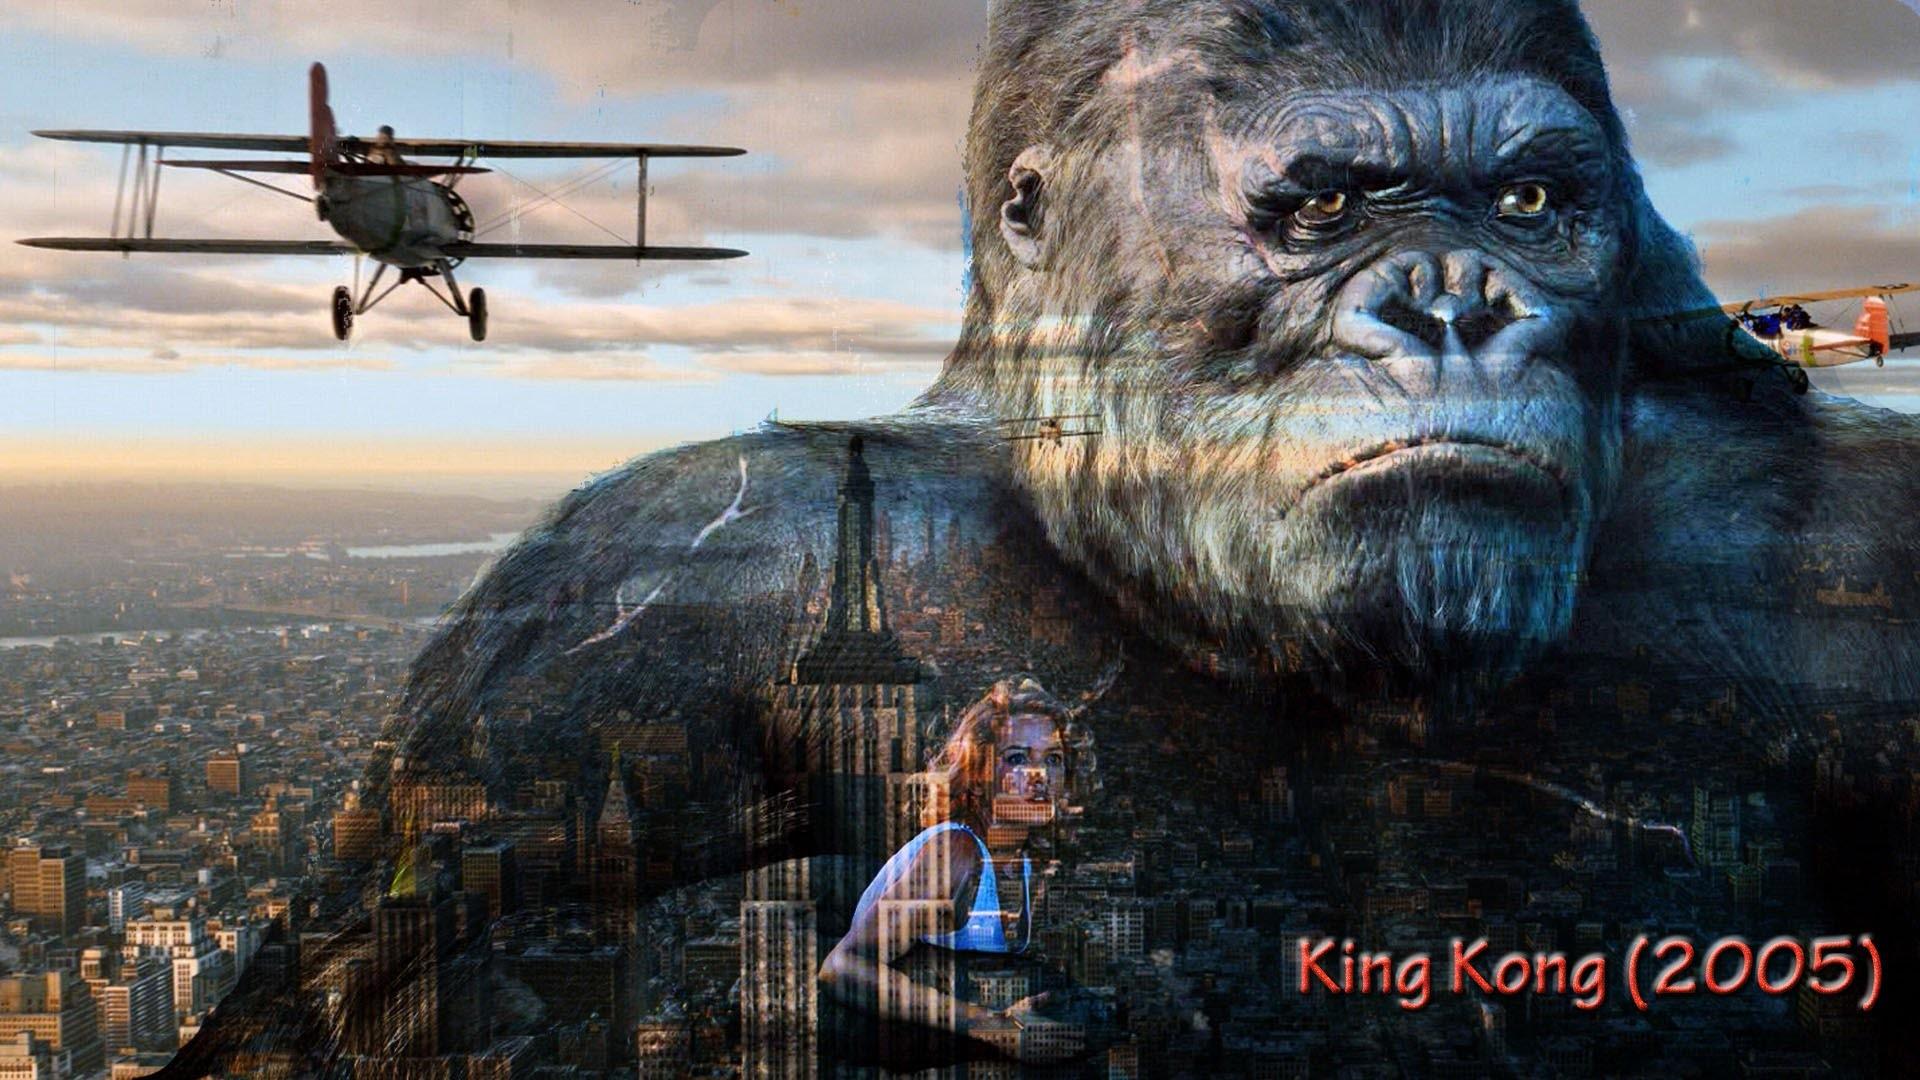 Mlg Hd Wallpaper King Kong Wallpaper 67 Images